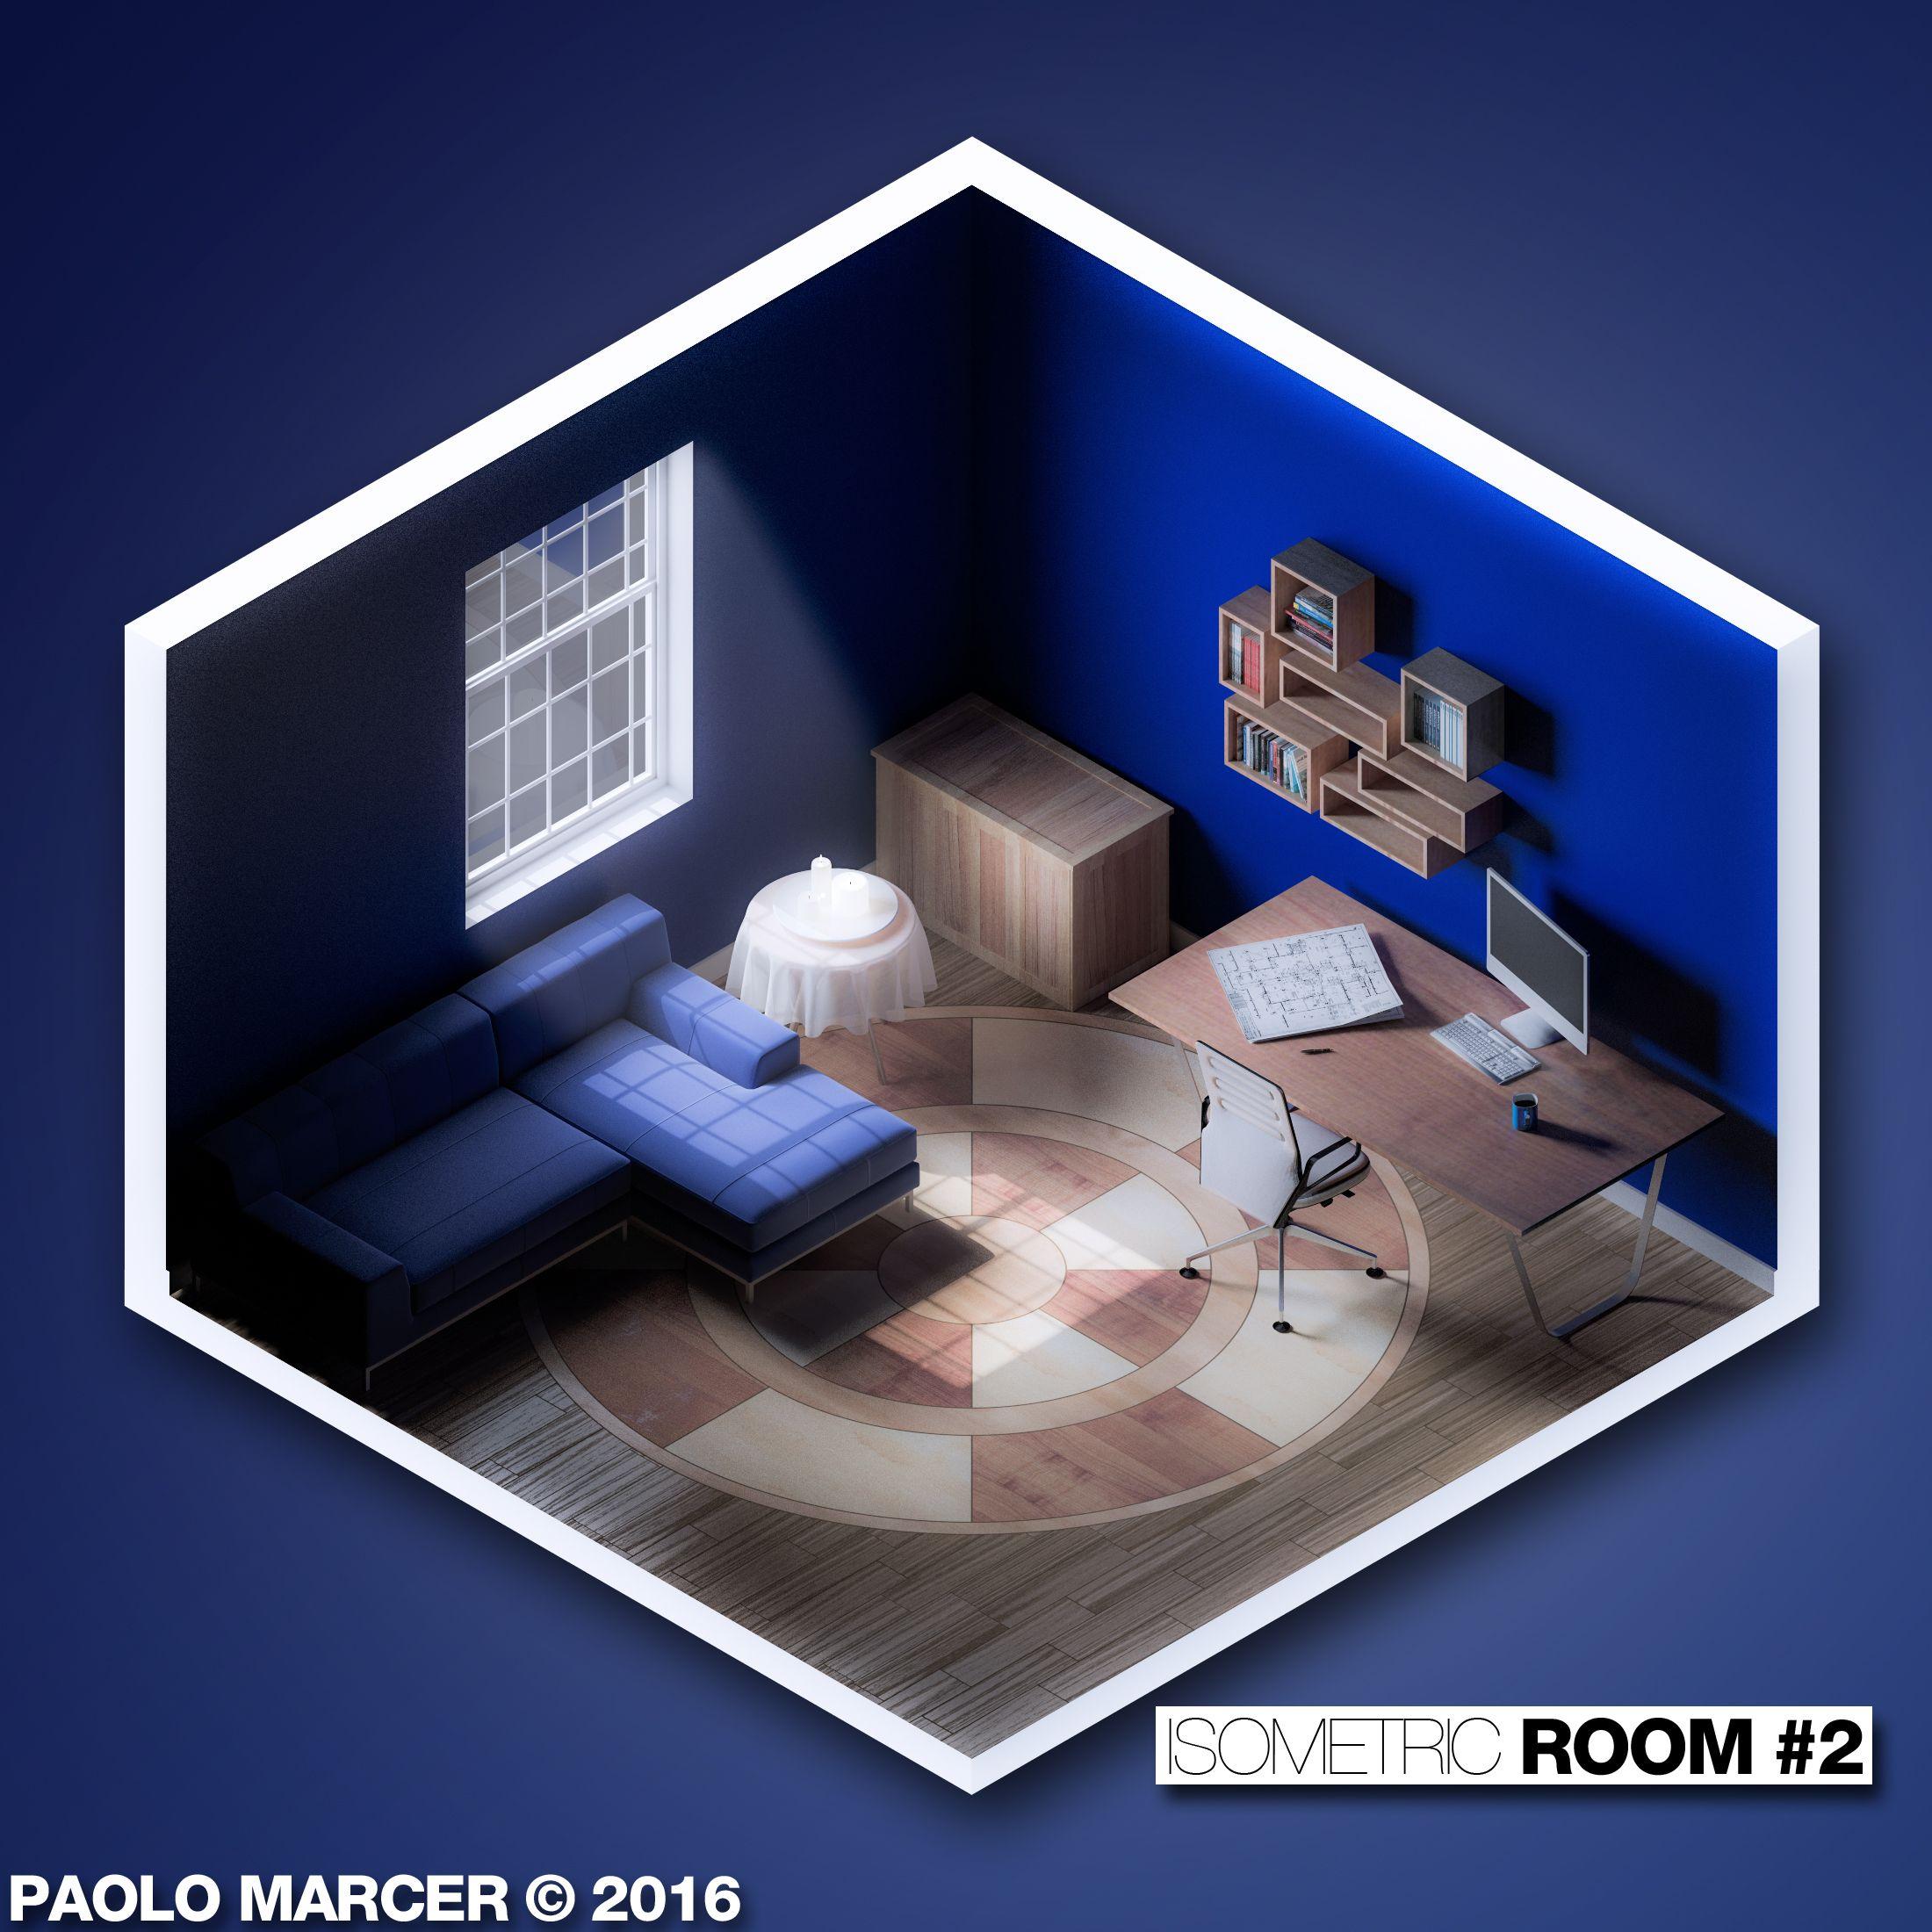 isometric room  2 modellazione in cinema 4d  rendering con